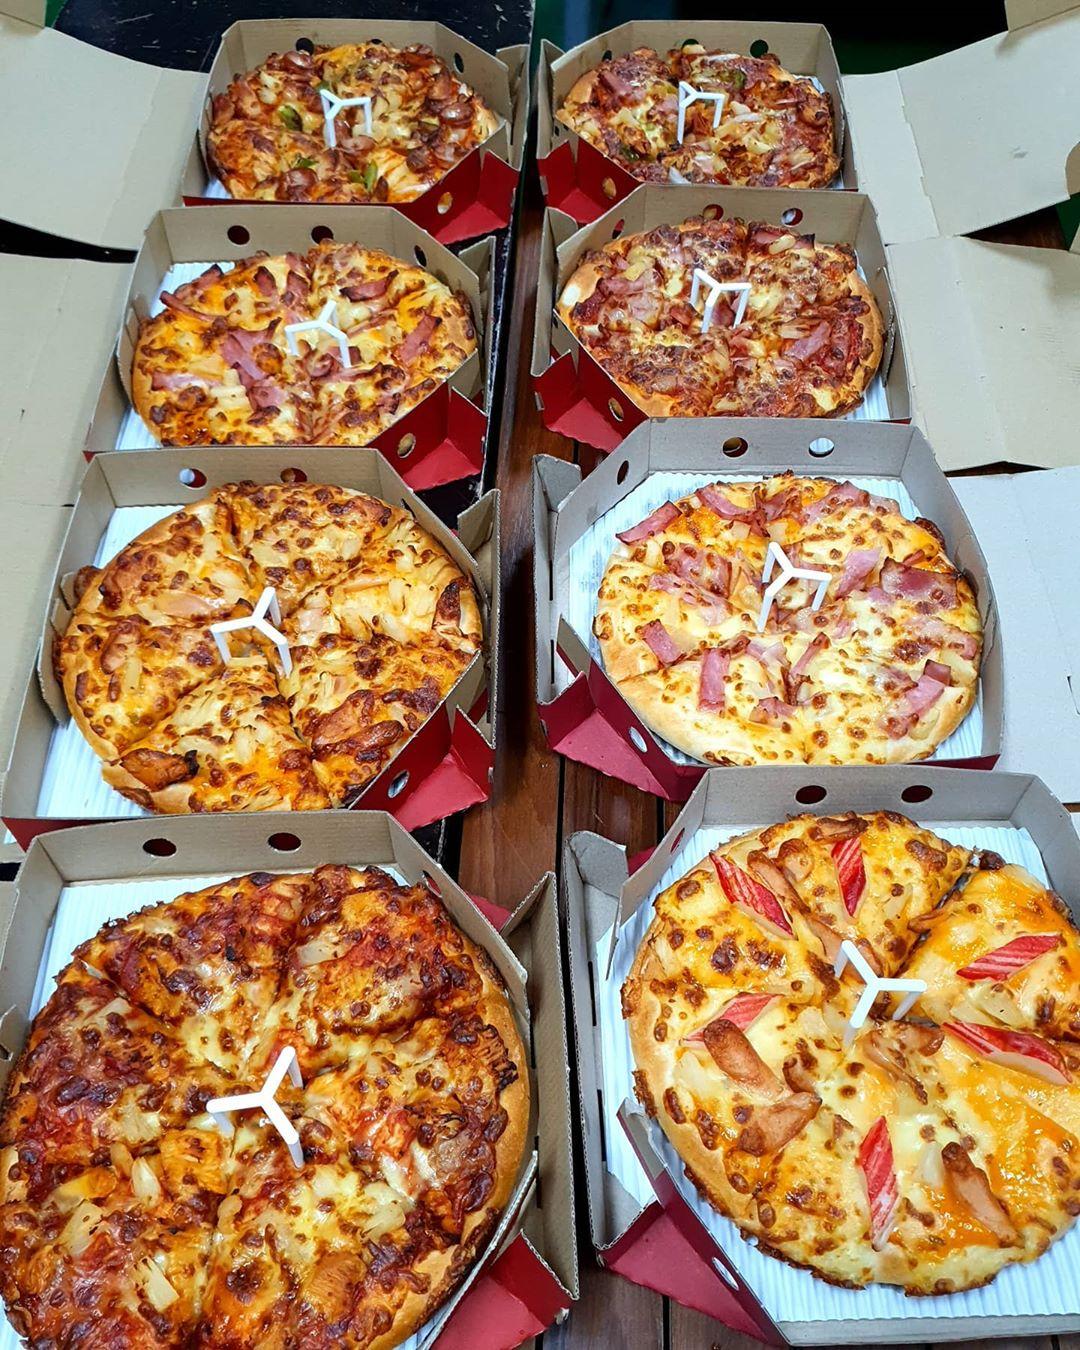 Pizza Hut Thailand